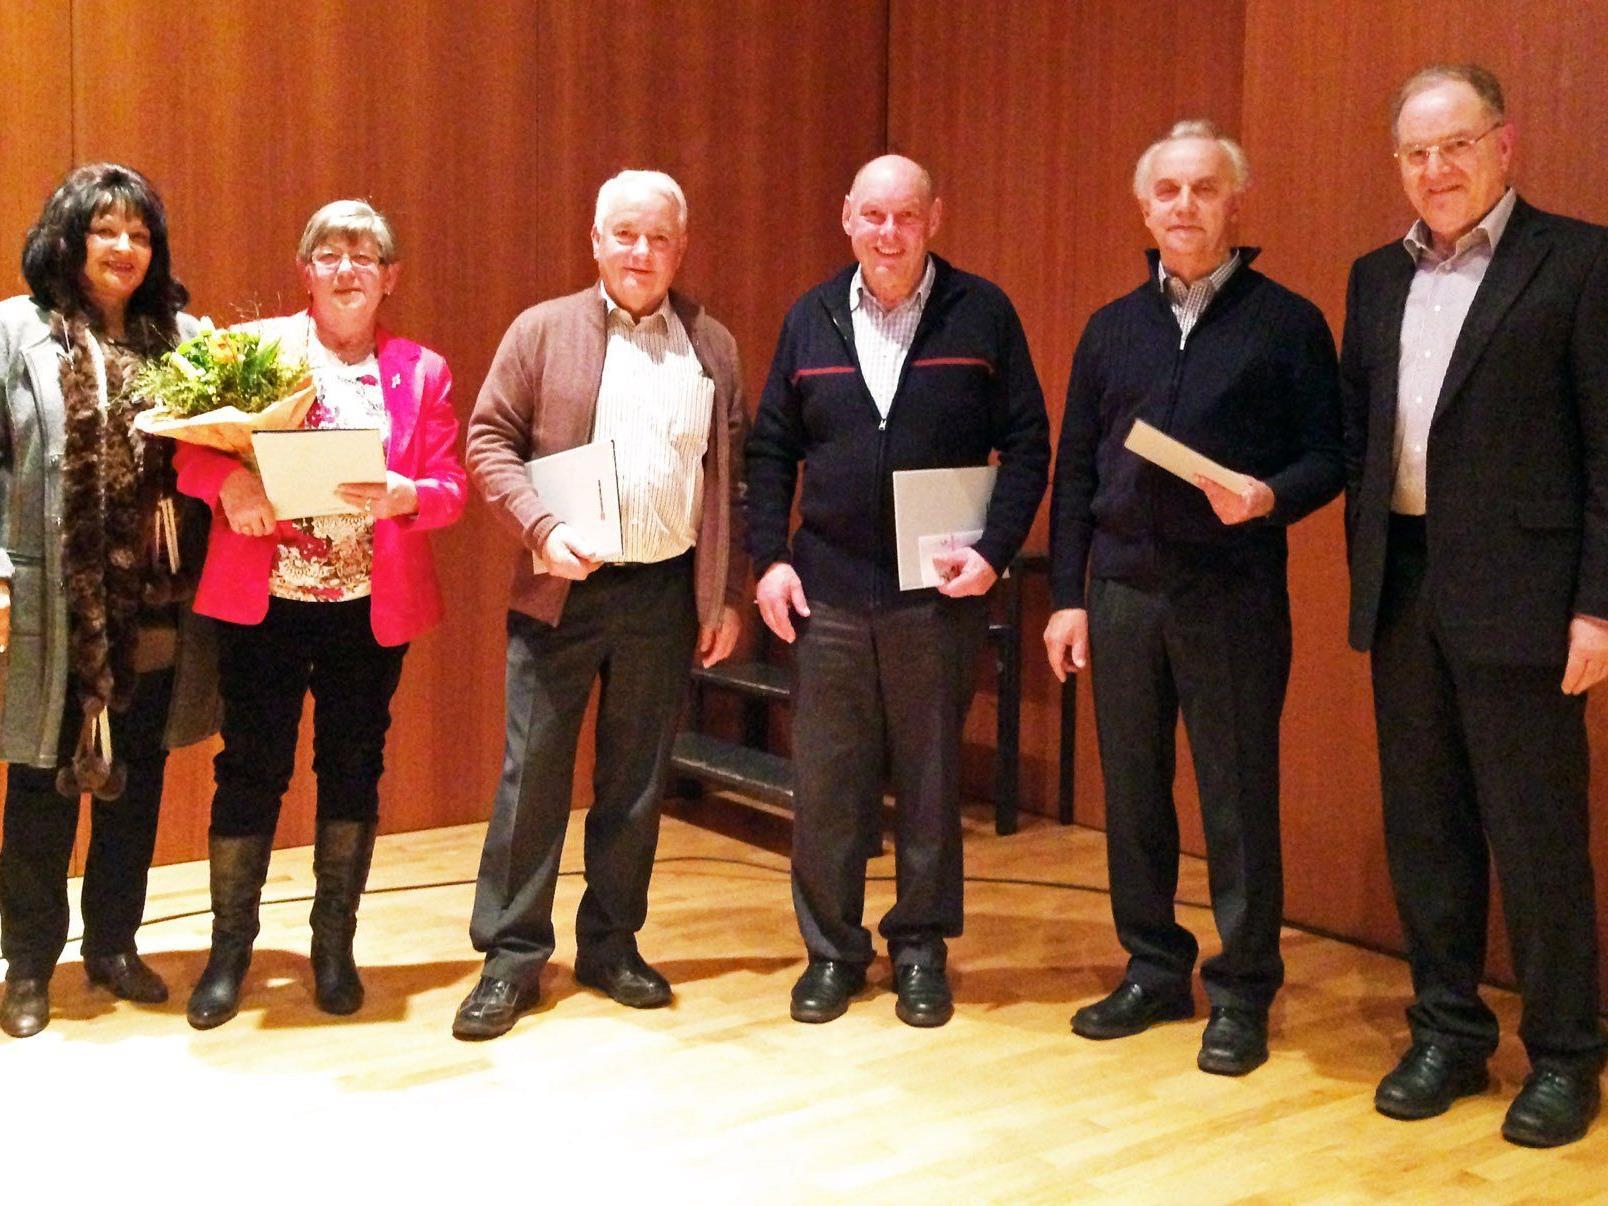 Die geehrten Mitglieder des Seniorenbundes Höchst mit Karin Rezniczek und Obmann Werner Schmid